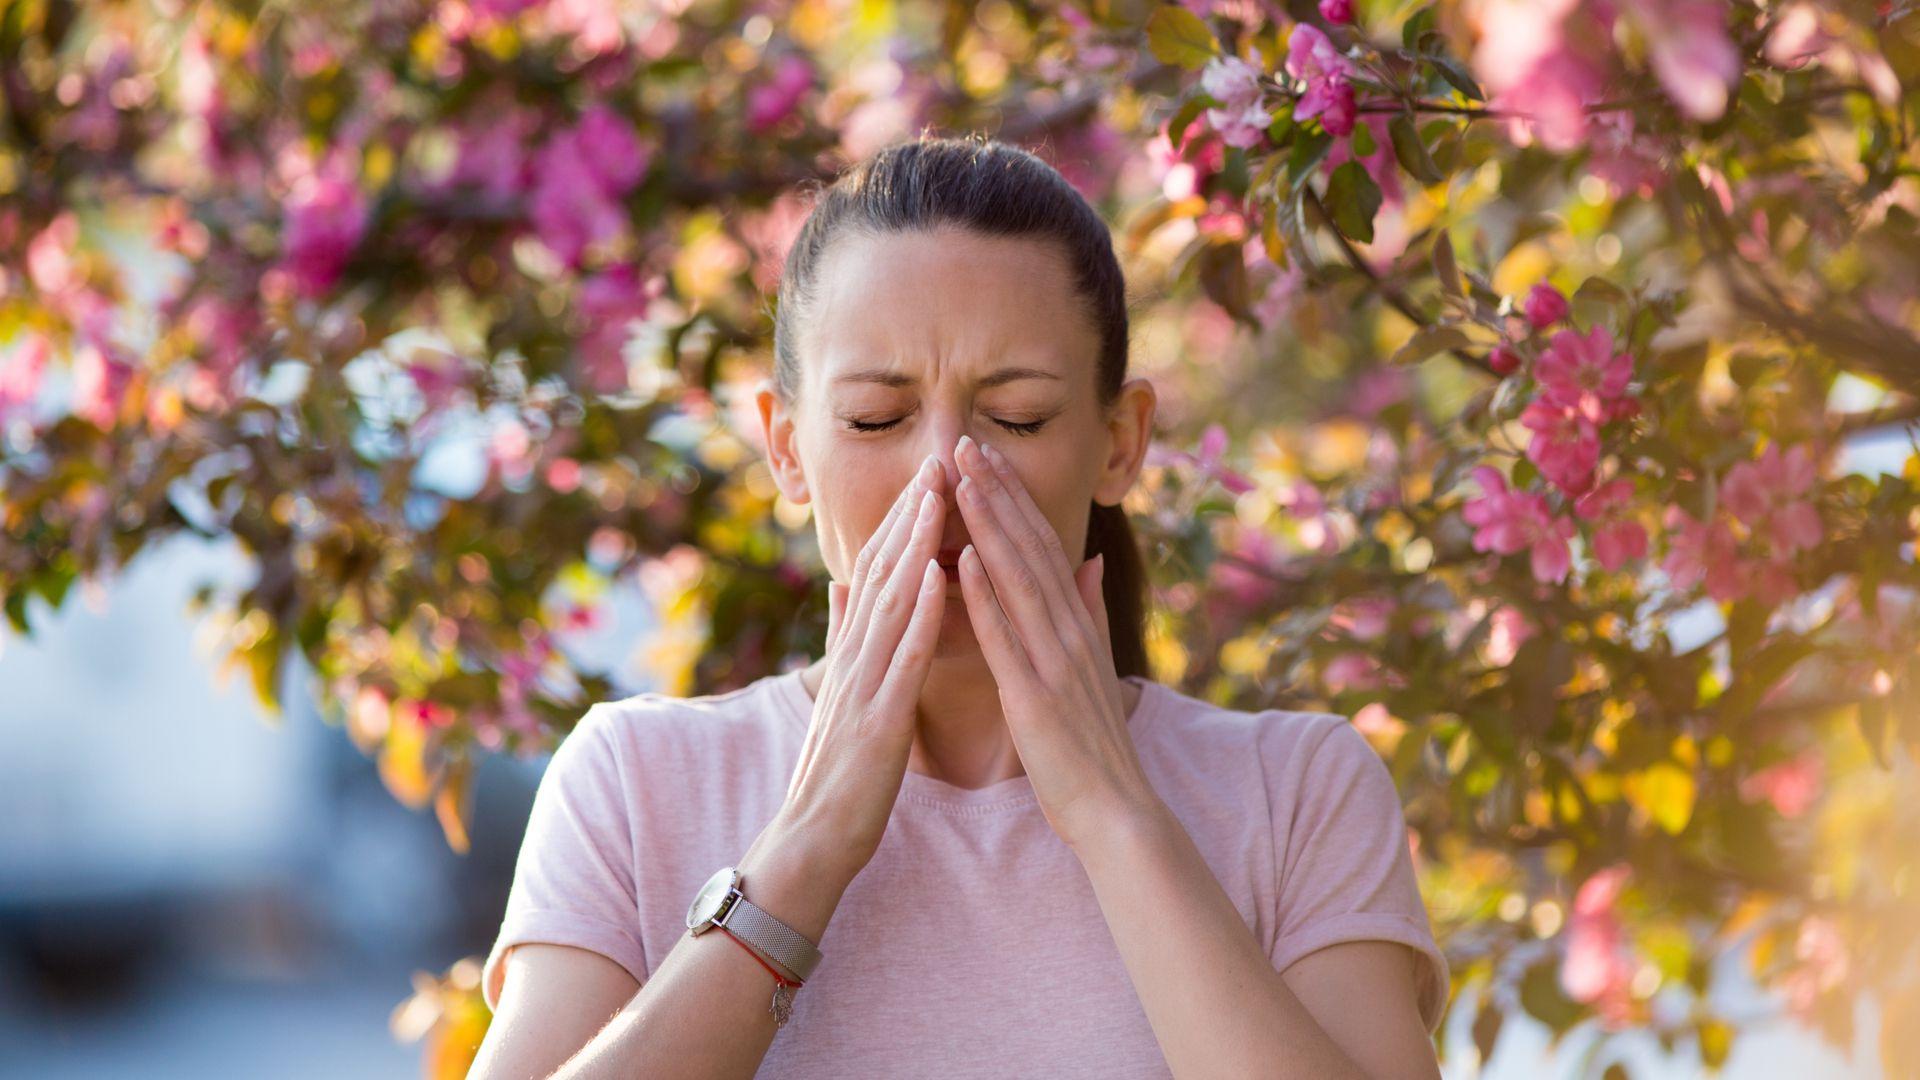 Uno de los factores que puede producir alergias es la liberación de polen de los árboles, moho y otros alérgenos ambientales que viajan por el aire (Shutterstock)